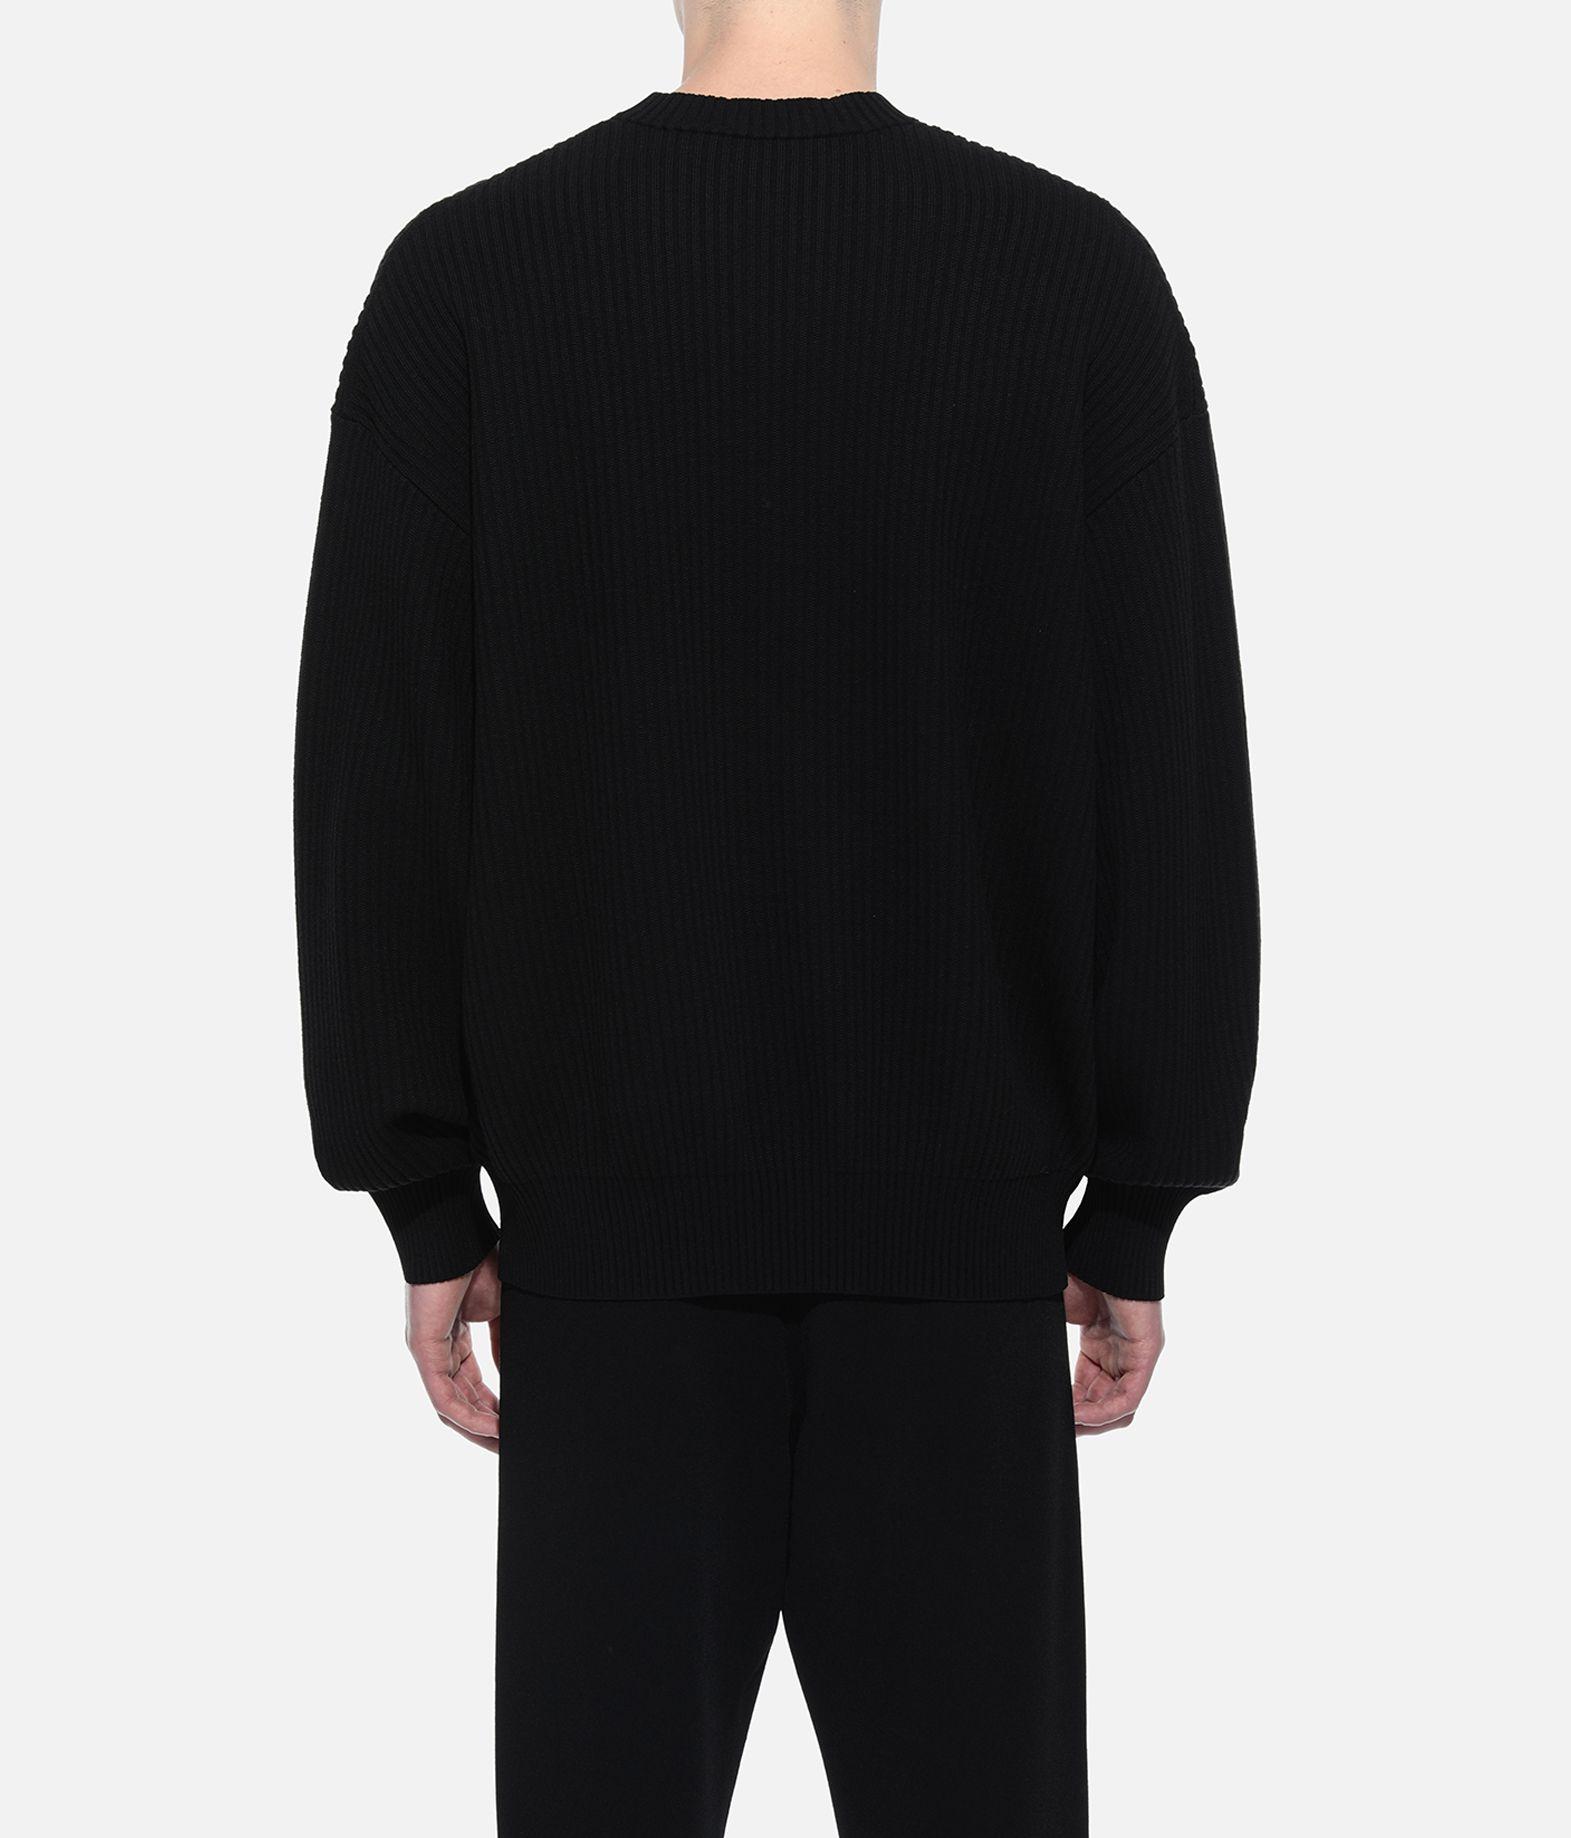 Y-3 Y-3 Tech Knit Crew Sweatshirt Long sleeve sweater Man d